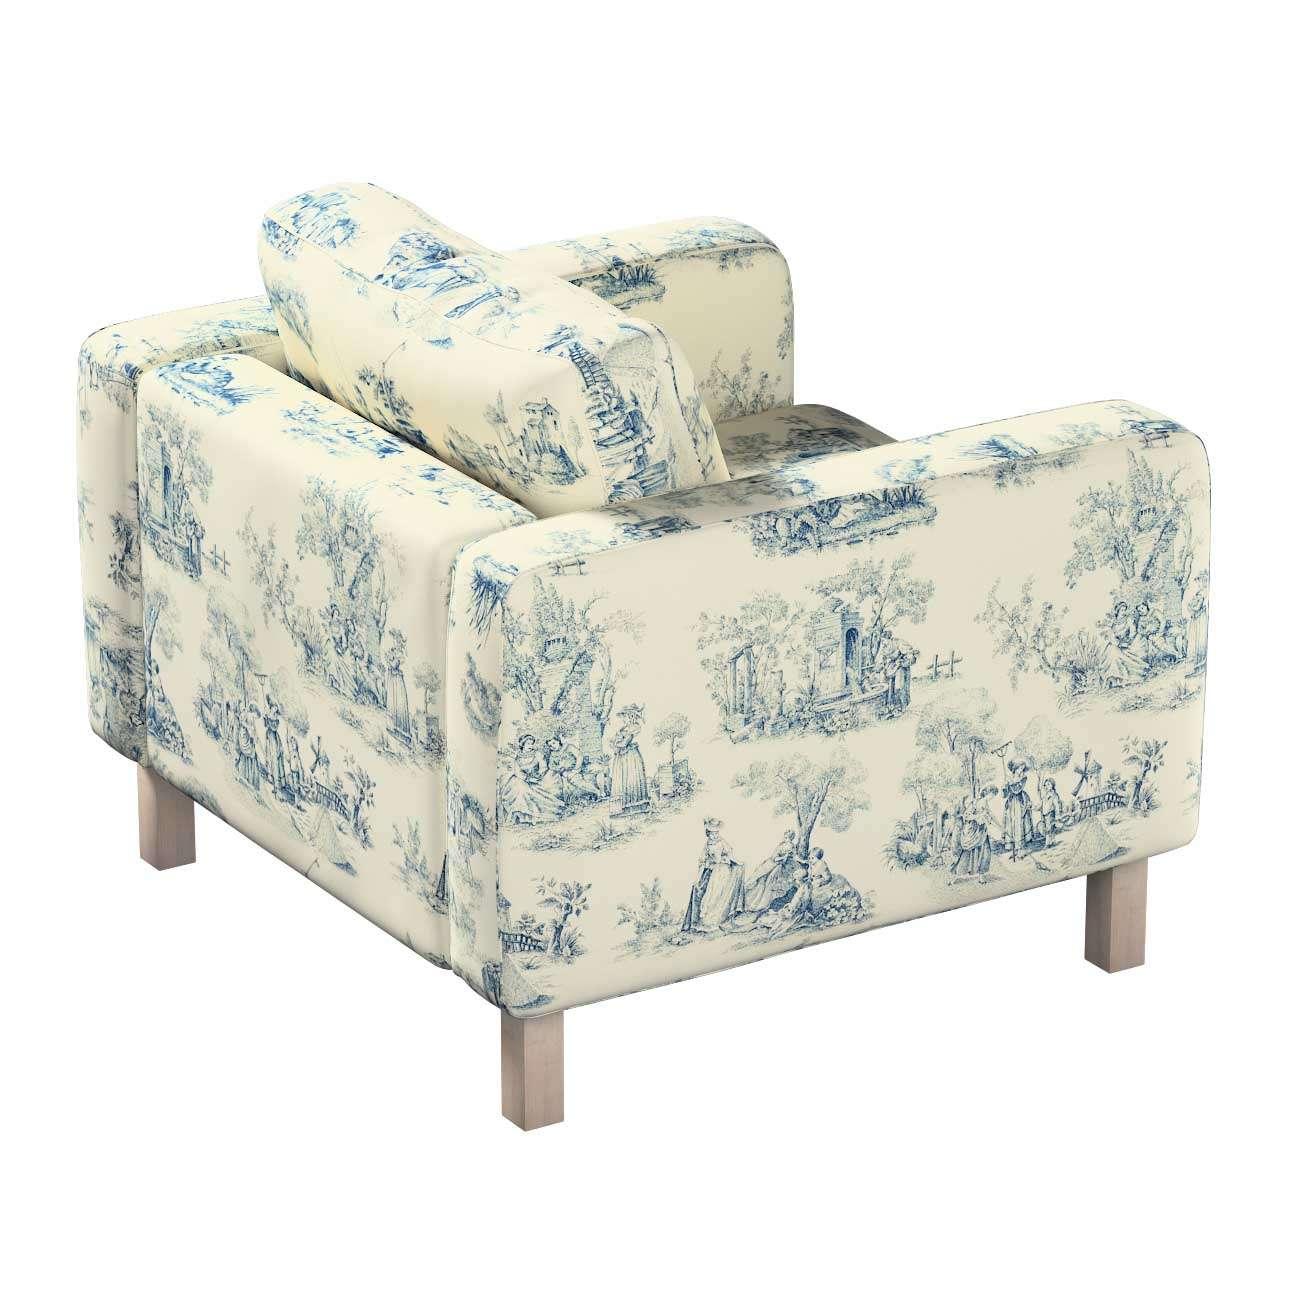 Pokrowiec na fotel Karlstad, krótki w kolekcji Avinon, tkanina: 132-66